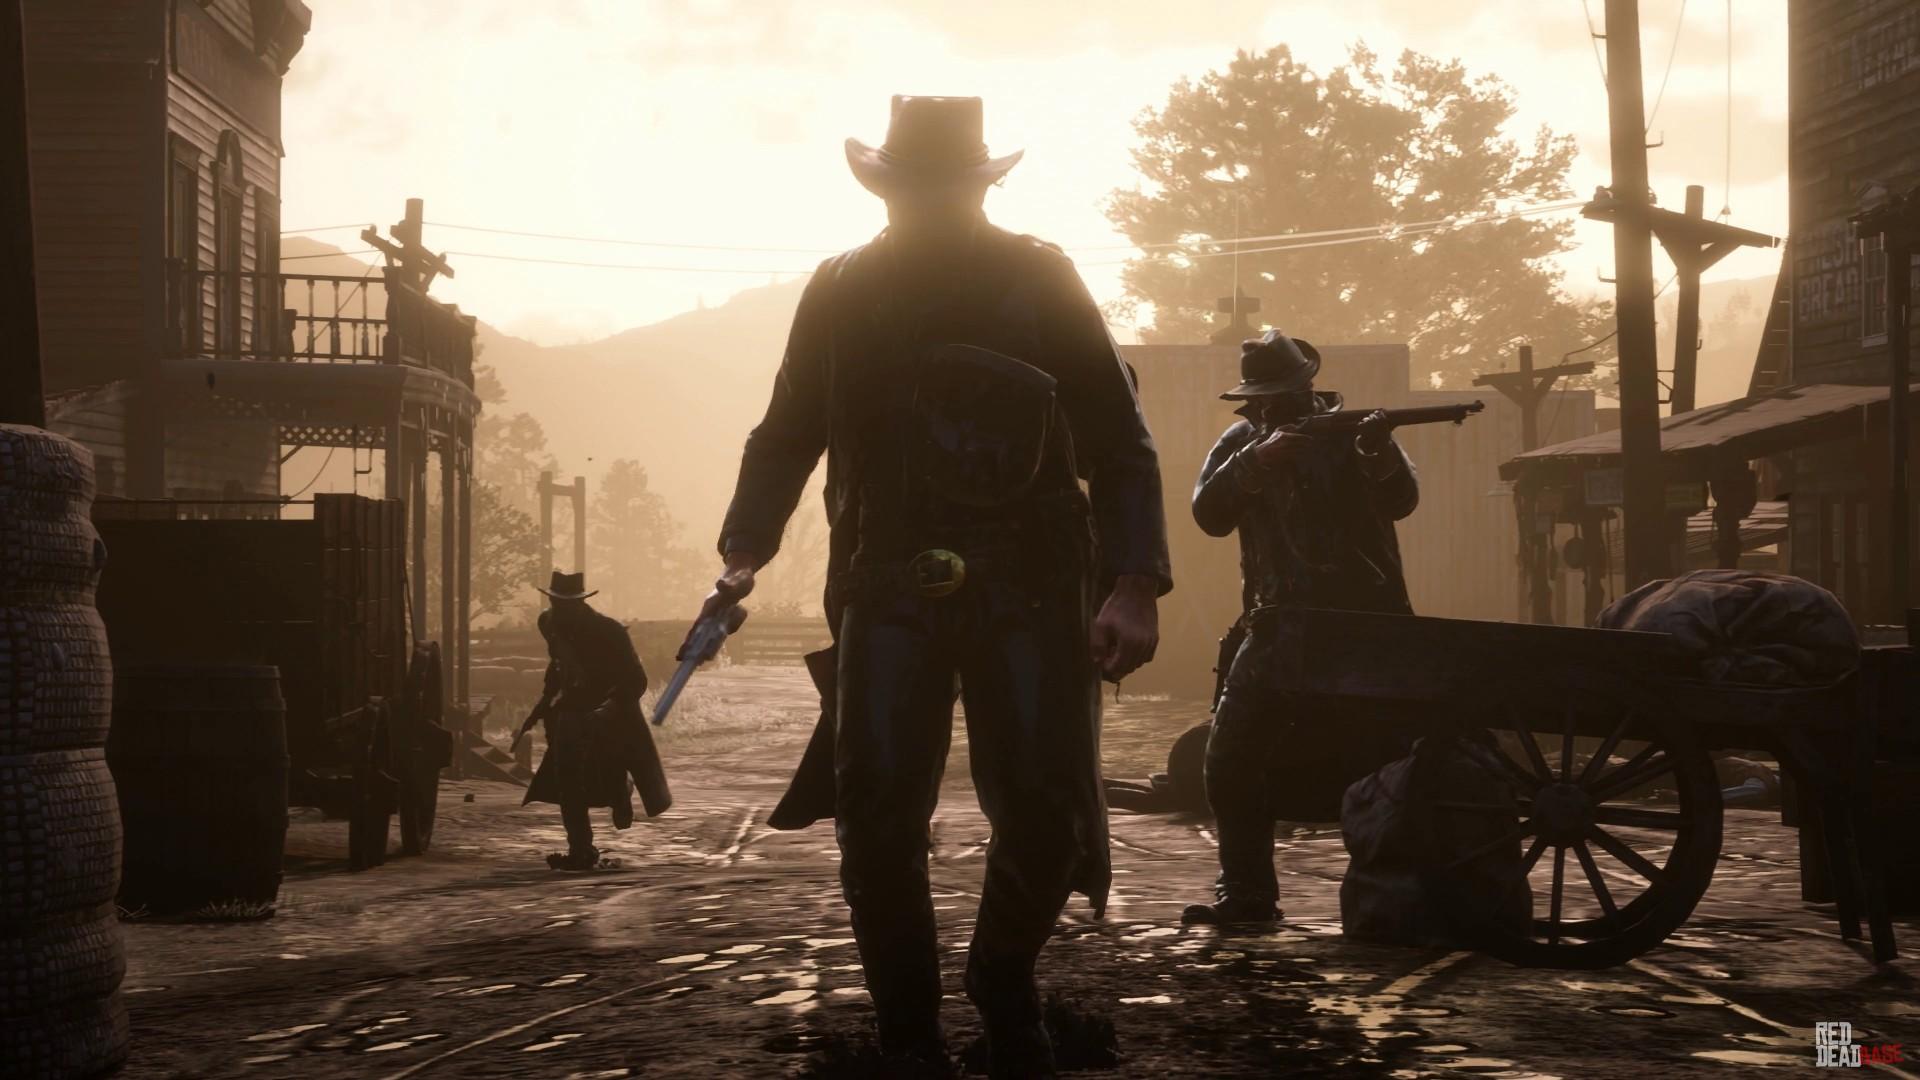 Red Dead Redemption 2: los nuevos aspectos de la trama y del juego en la entrevista exclusiva de The Hollywood Reporter, acá